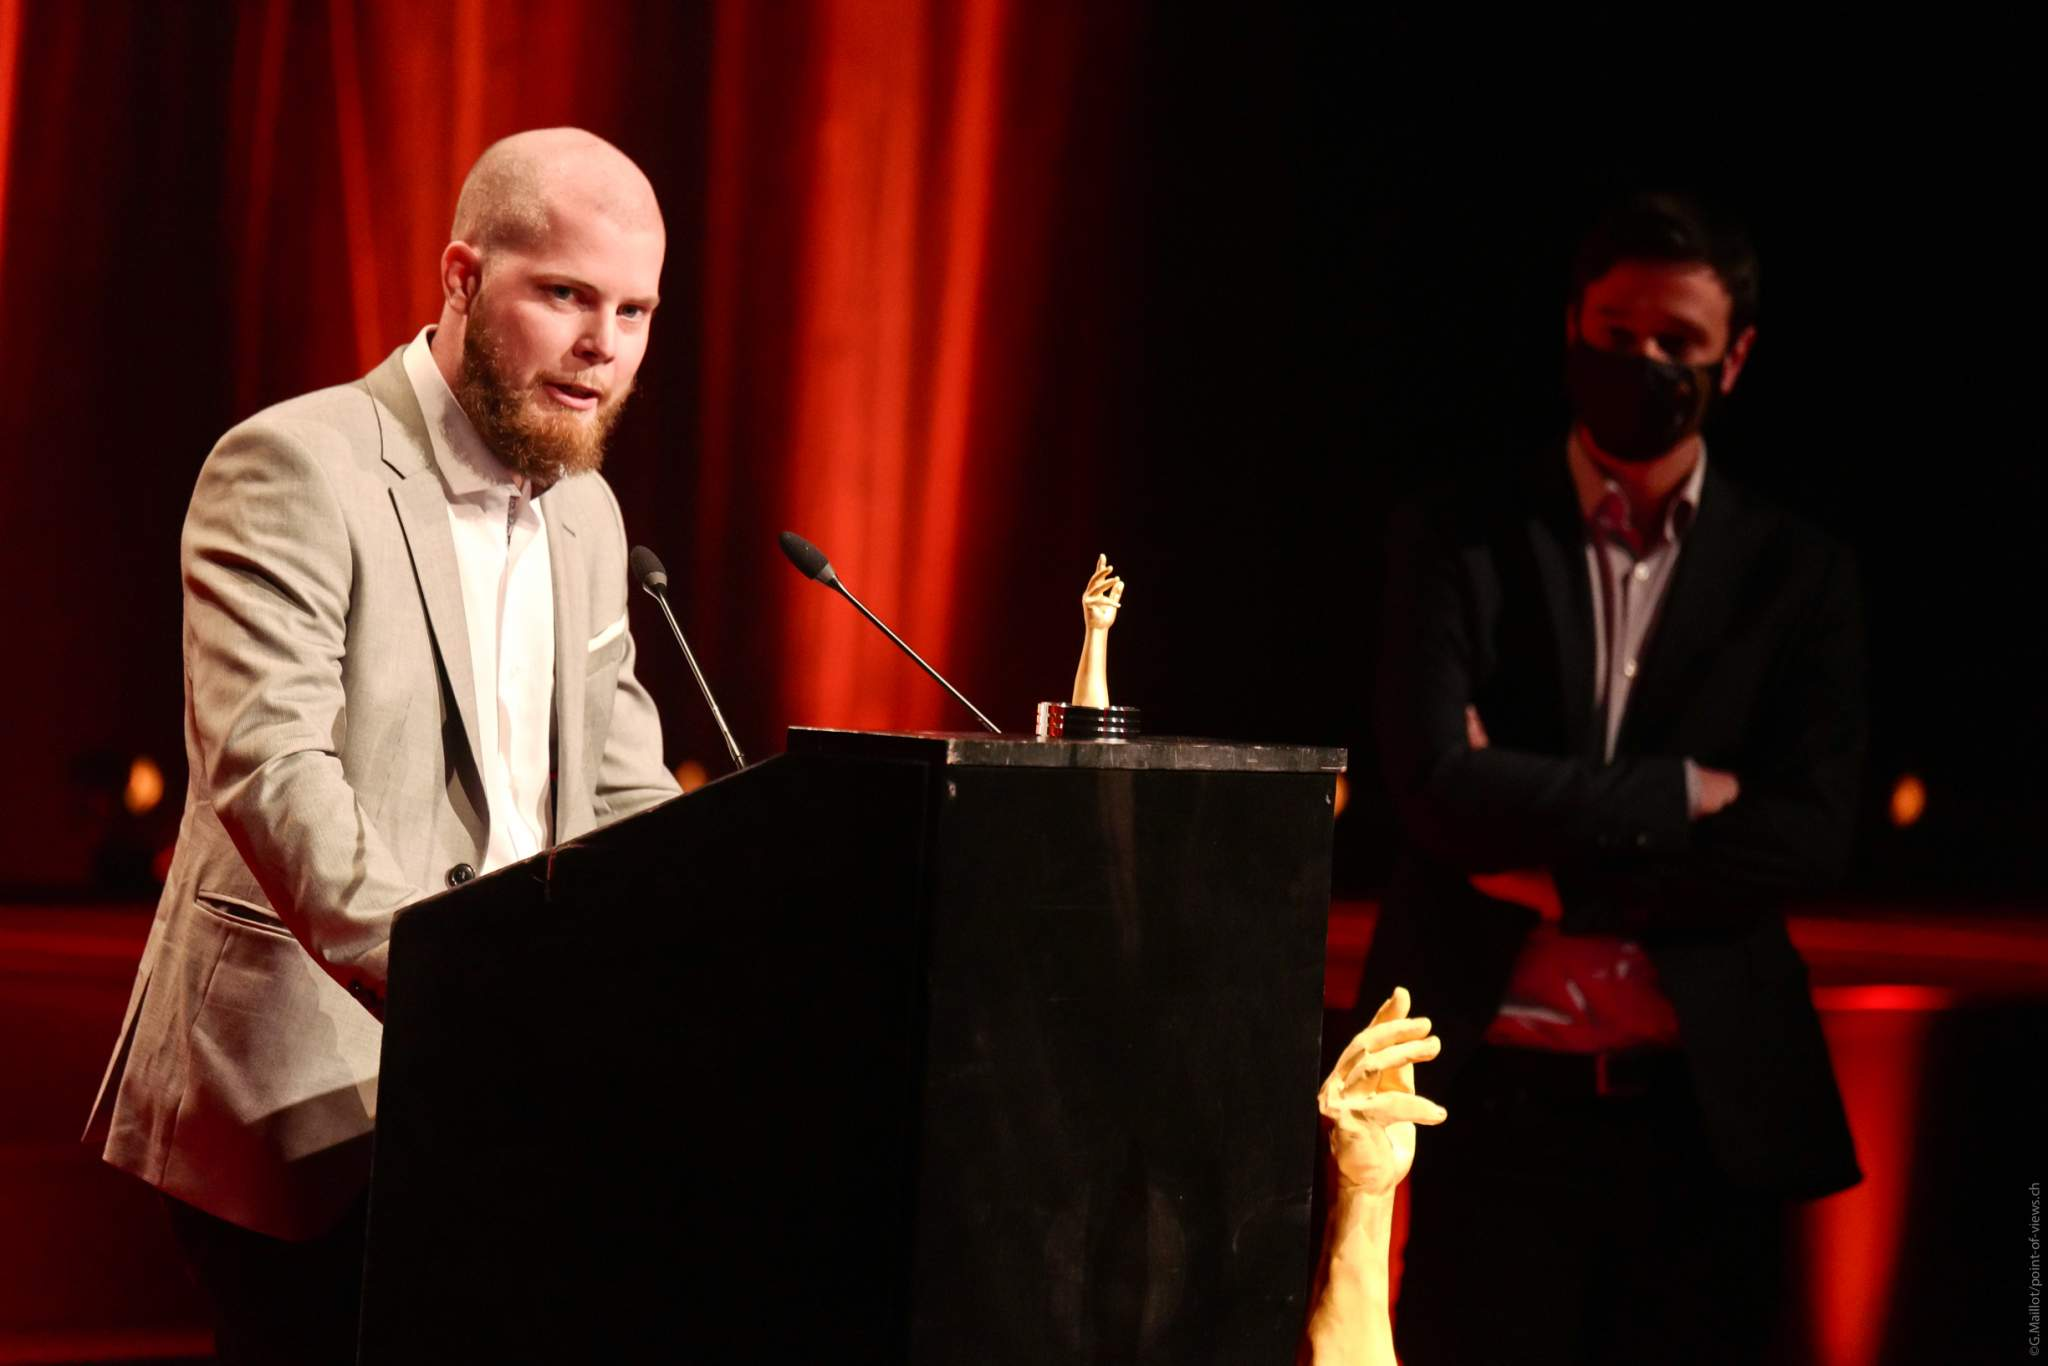 Gaël Petermann et Florian Bédat, Co-fondateurs de Petermann Bédat, lauréats du Prix Révélation Horlogère 2020